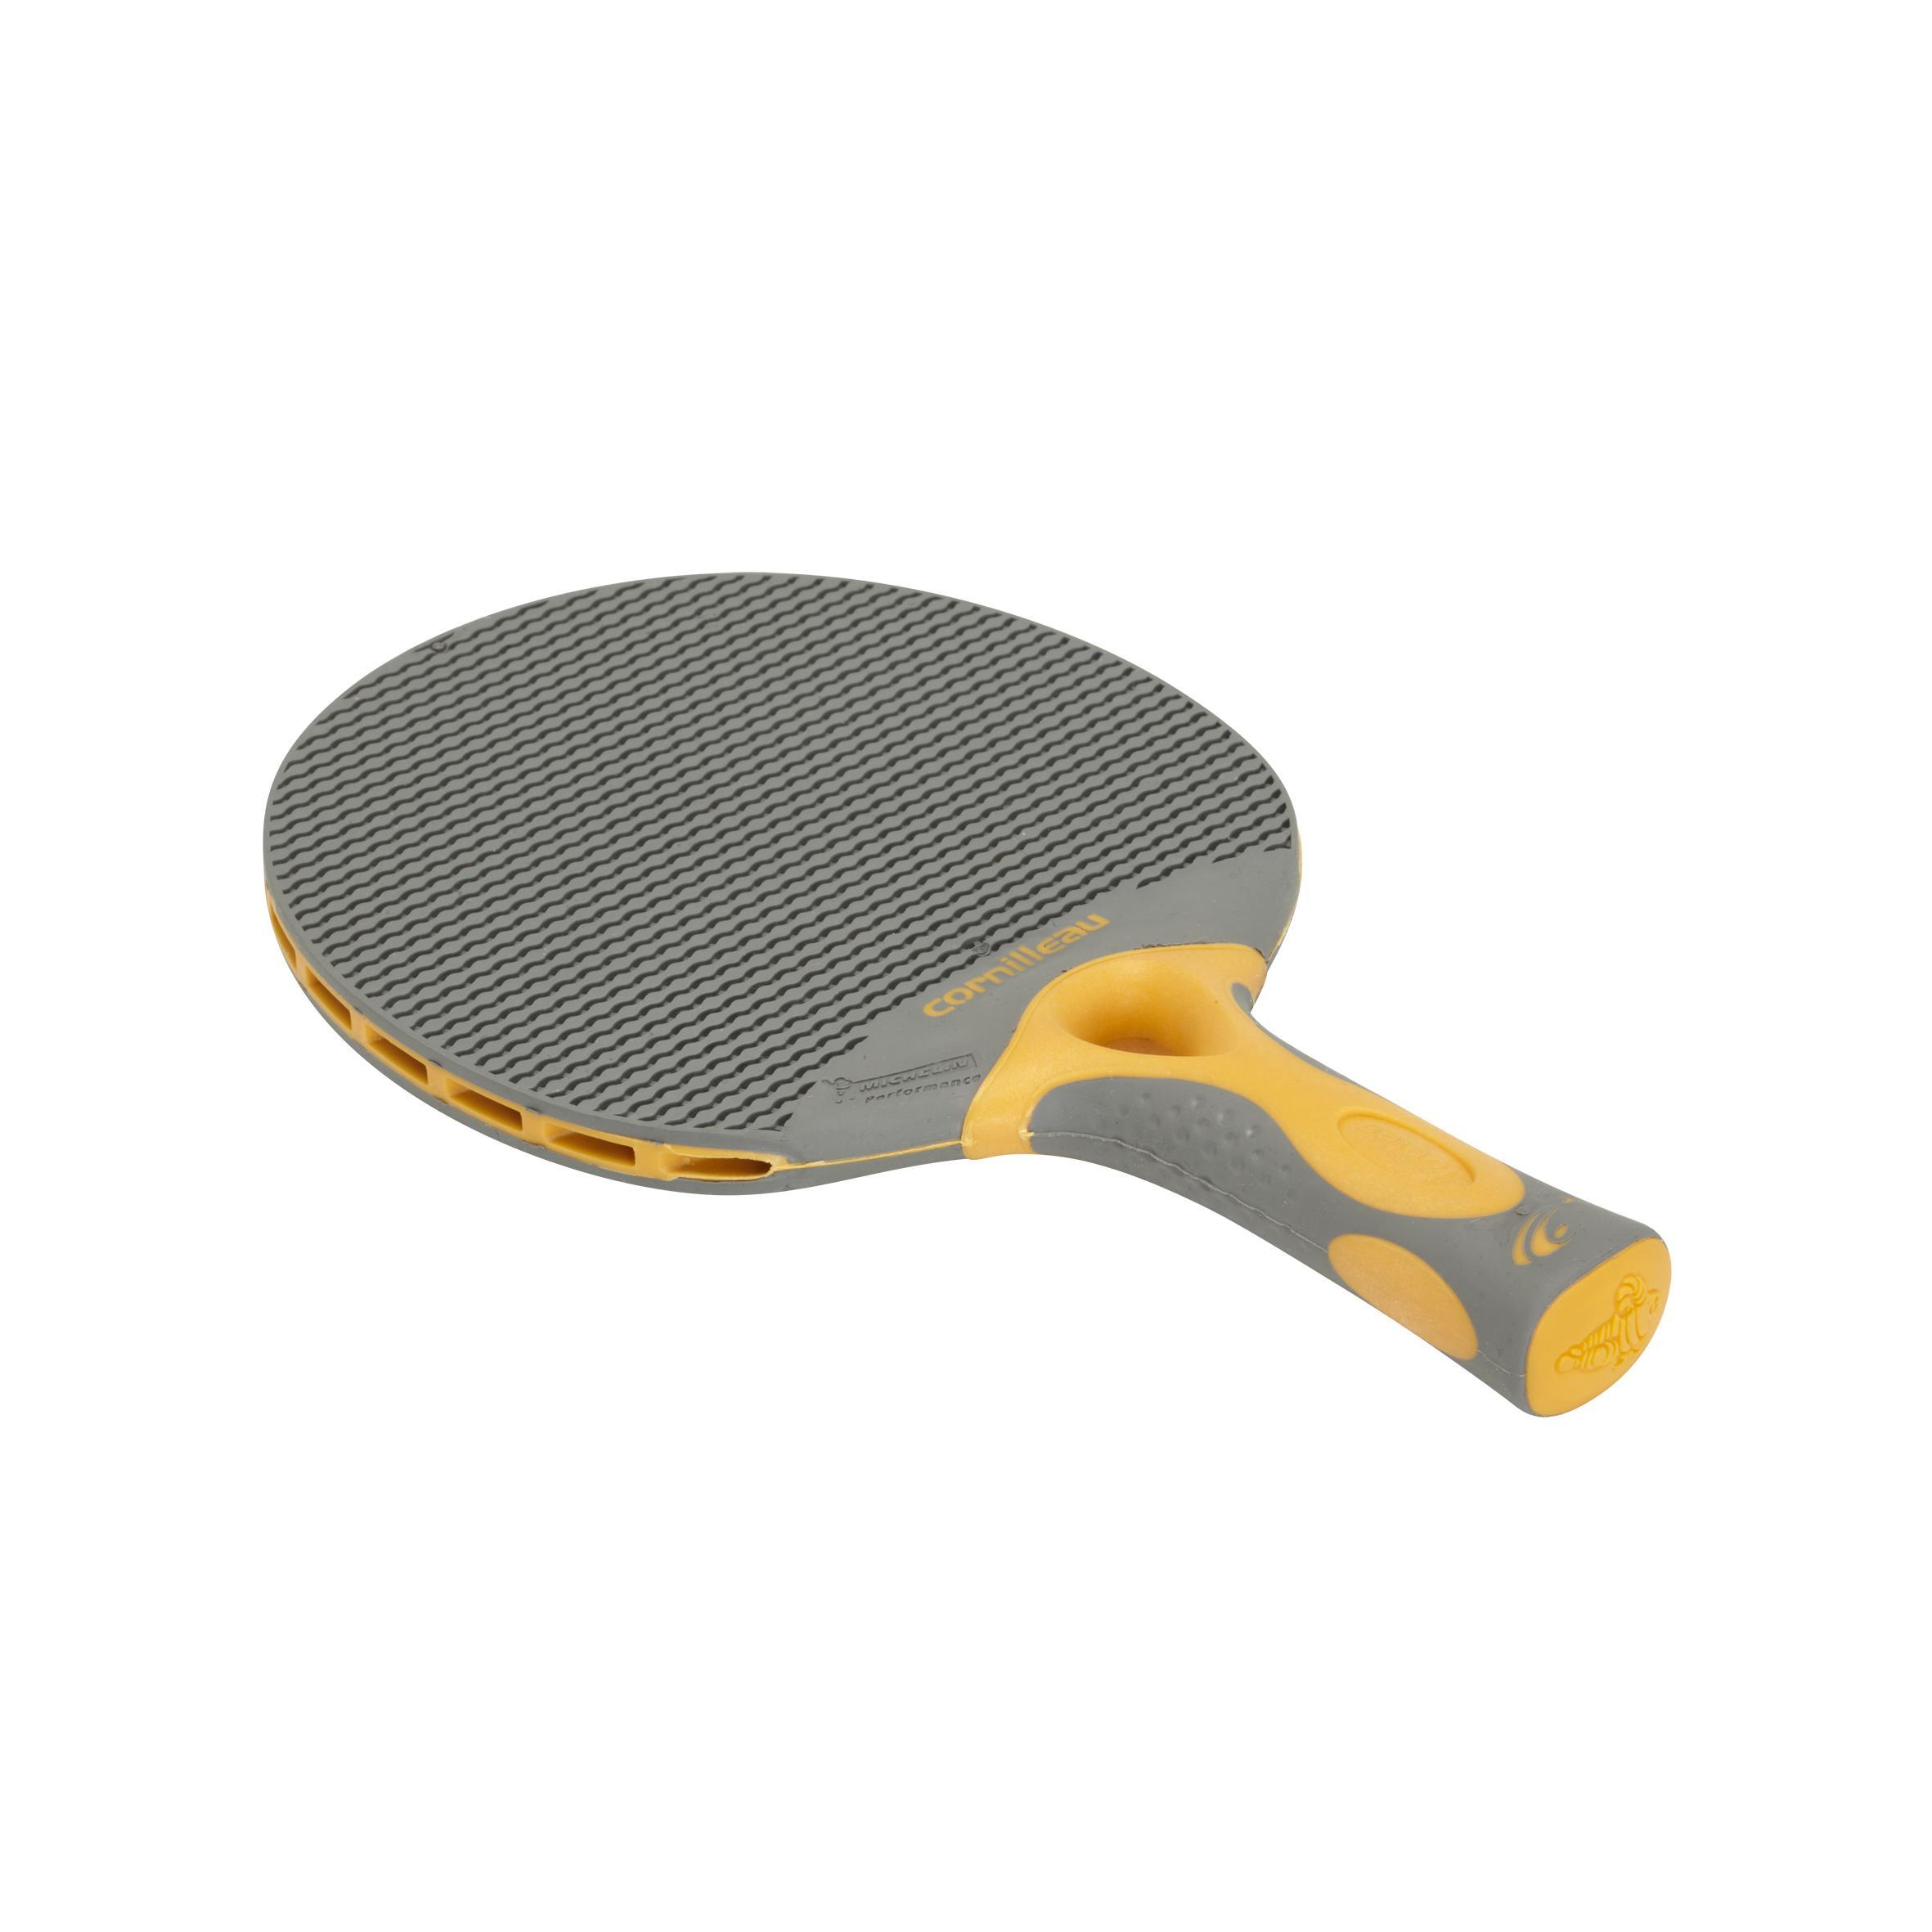 Cornilleau Tacteo 30 Table Tennis Bat Tennisnutscom